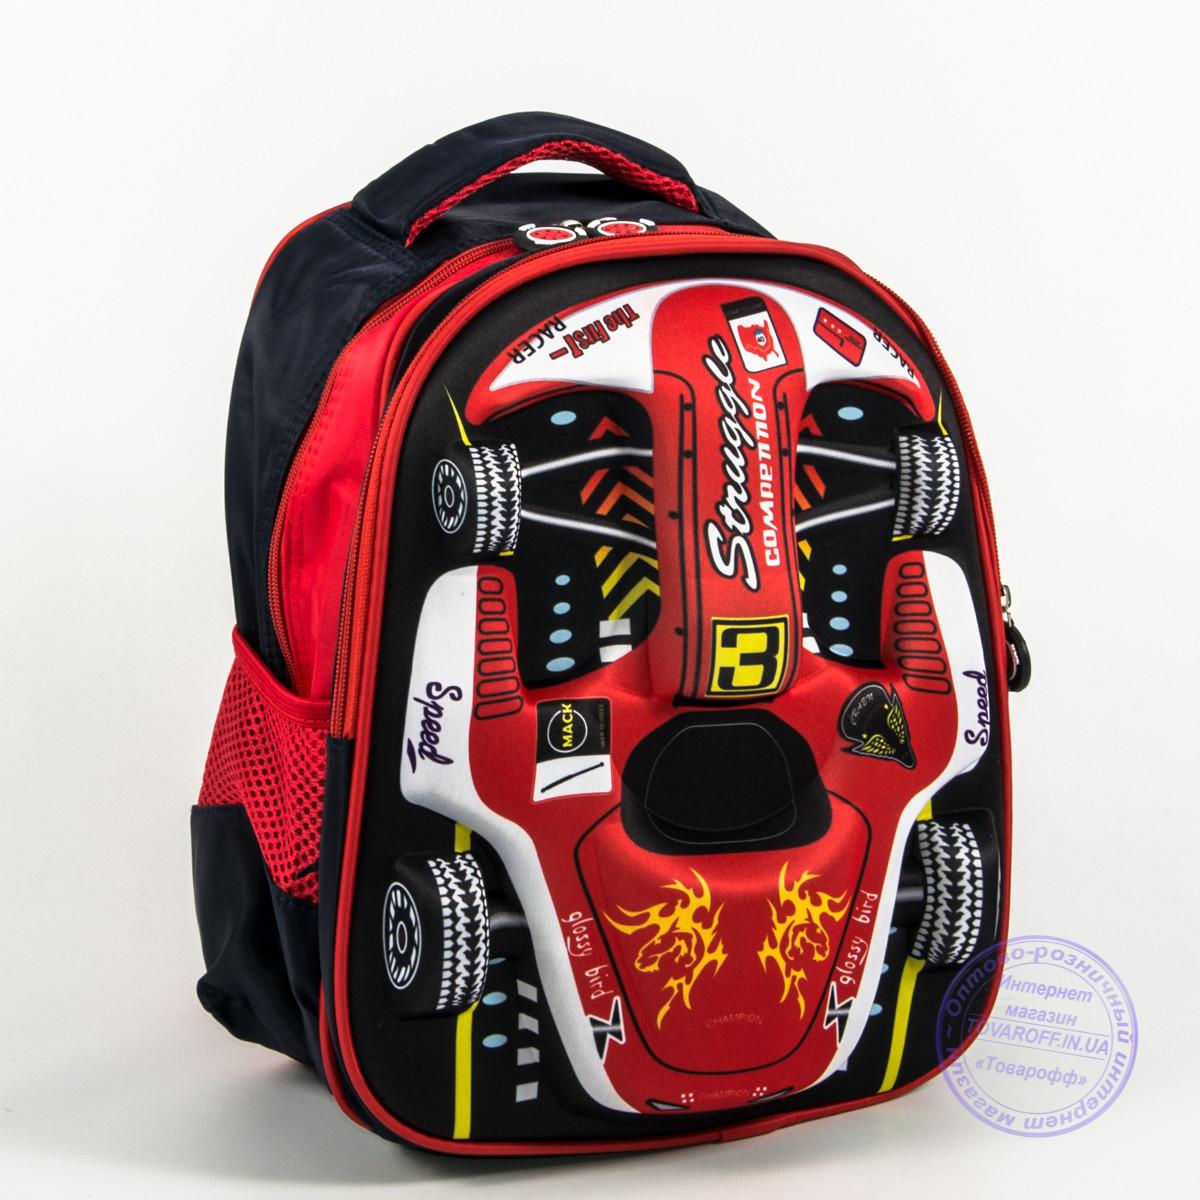 Рюкзаки для мальчиков оптом пластиковые чемоданы, series с